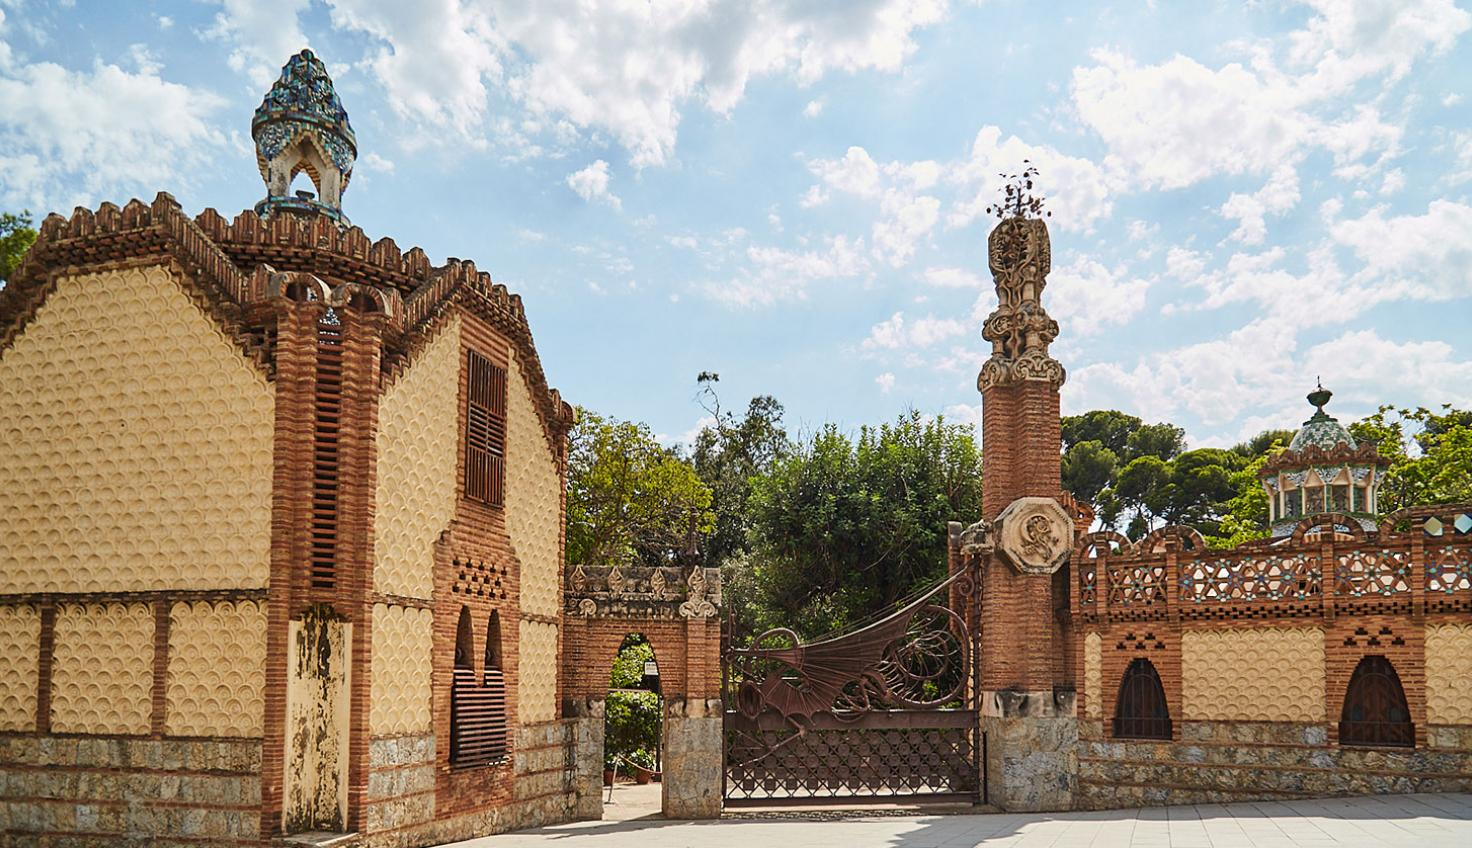 Photo Pavillons Güell - Gaudí